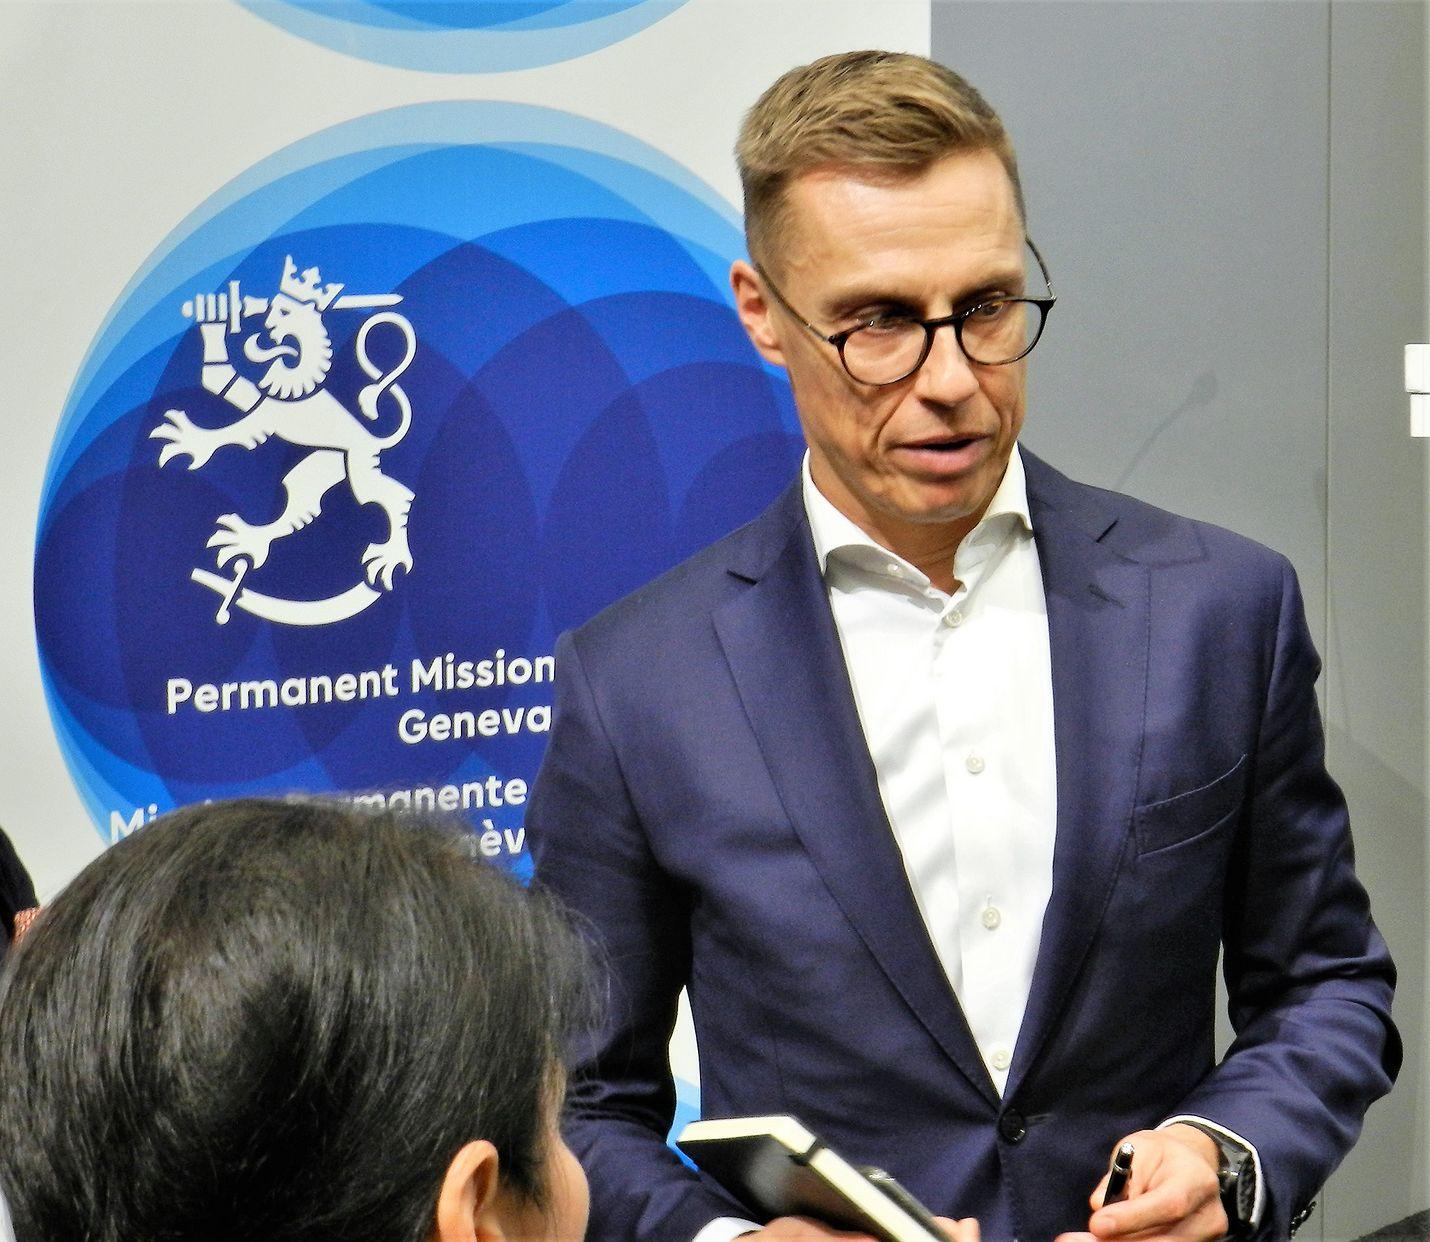 Lännen Media tapasi varapääjohtaja Alexander Stubbin Genevessä, jossa hän oli luennoimassa muun muassa Euroopan asemasta nykyisessä maailmantilanteessa.